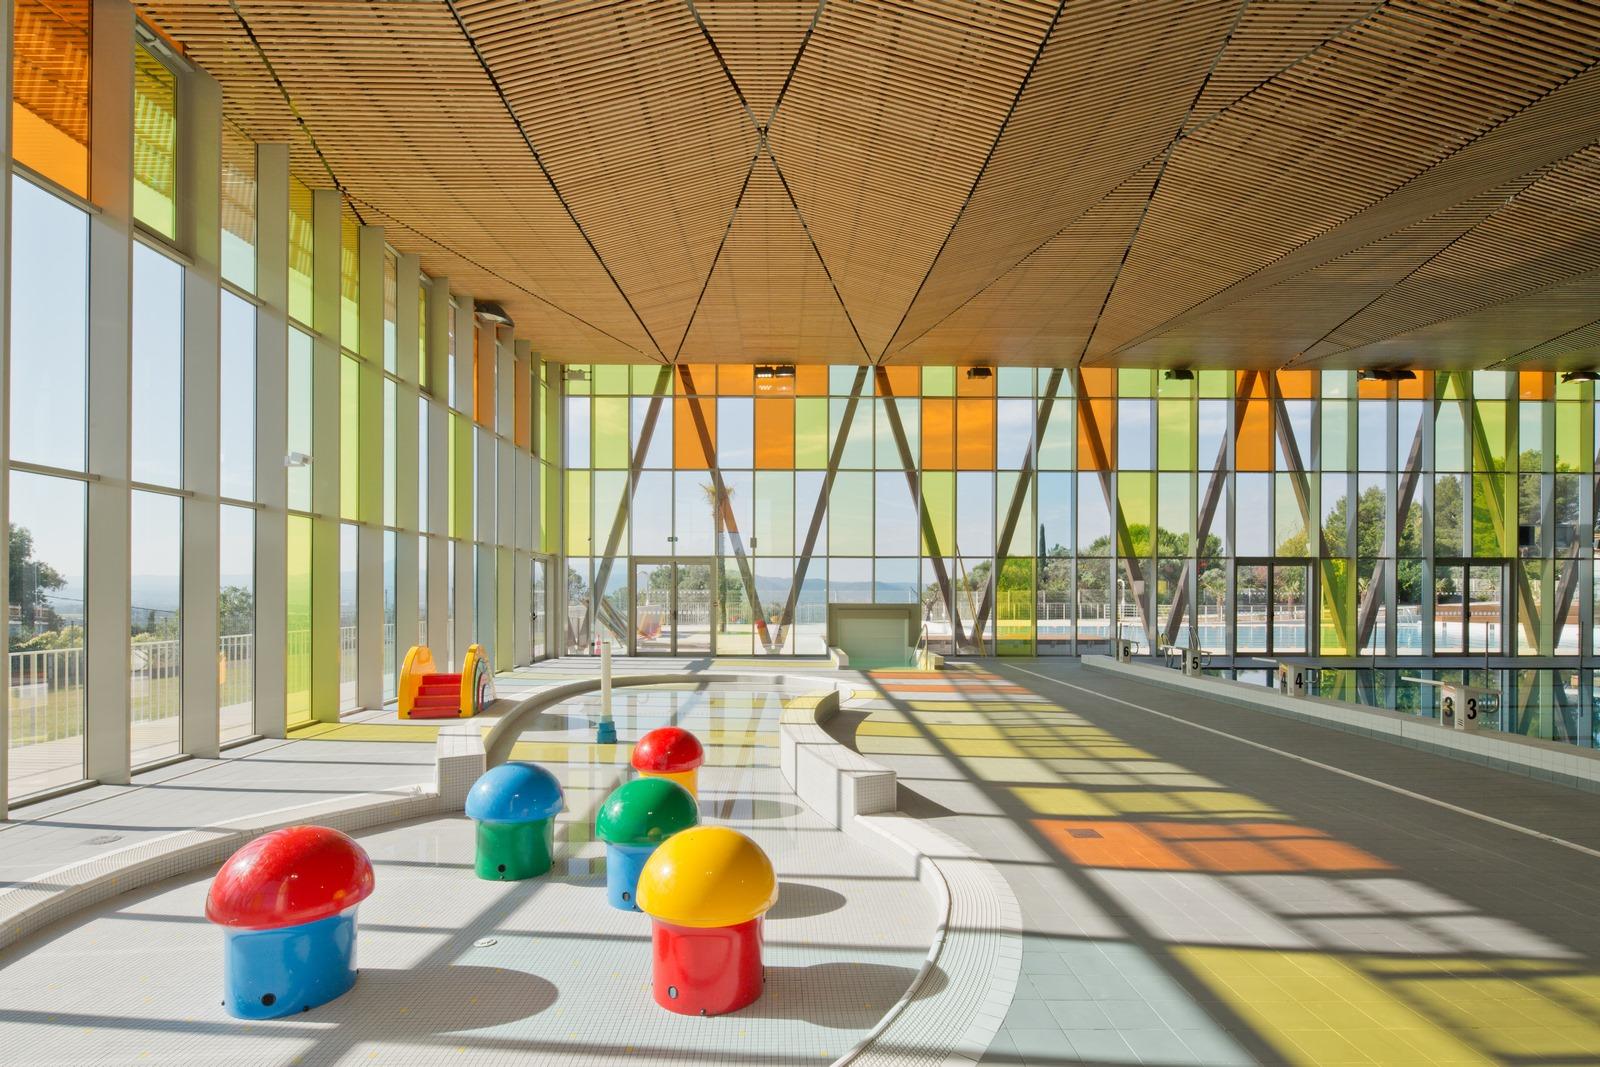 Piscine Pertuis Durance Lubéron : pataugeoire - Z Architecture